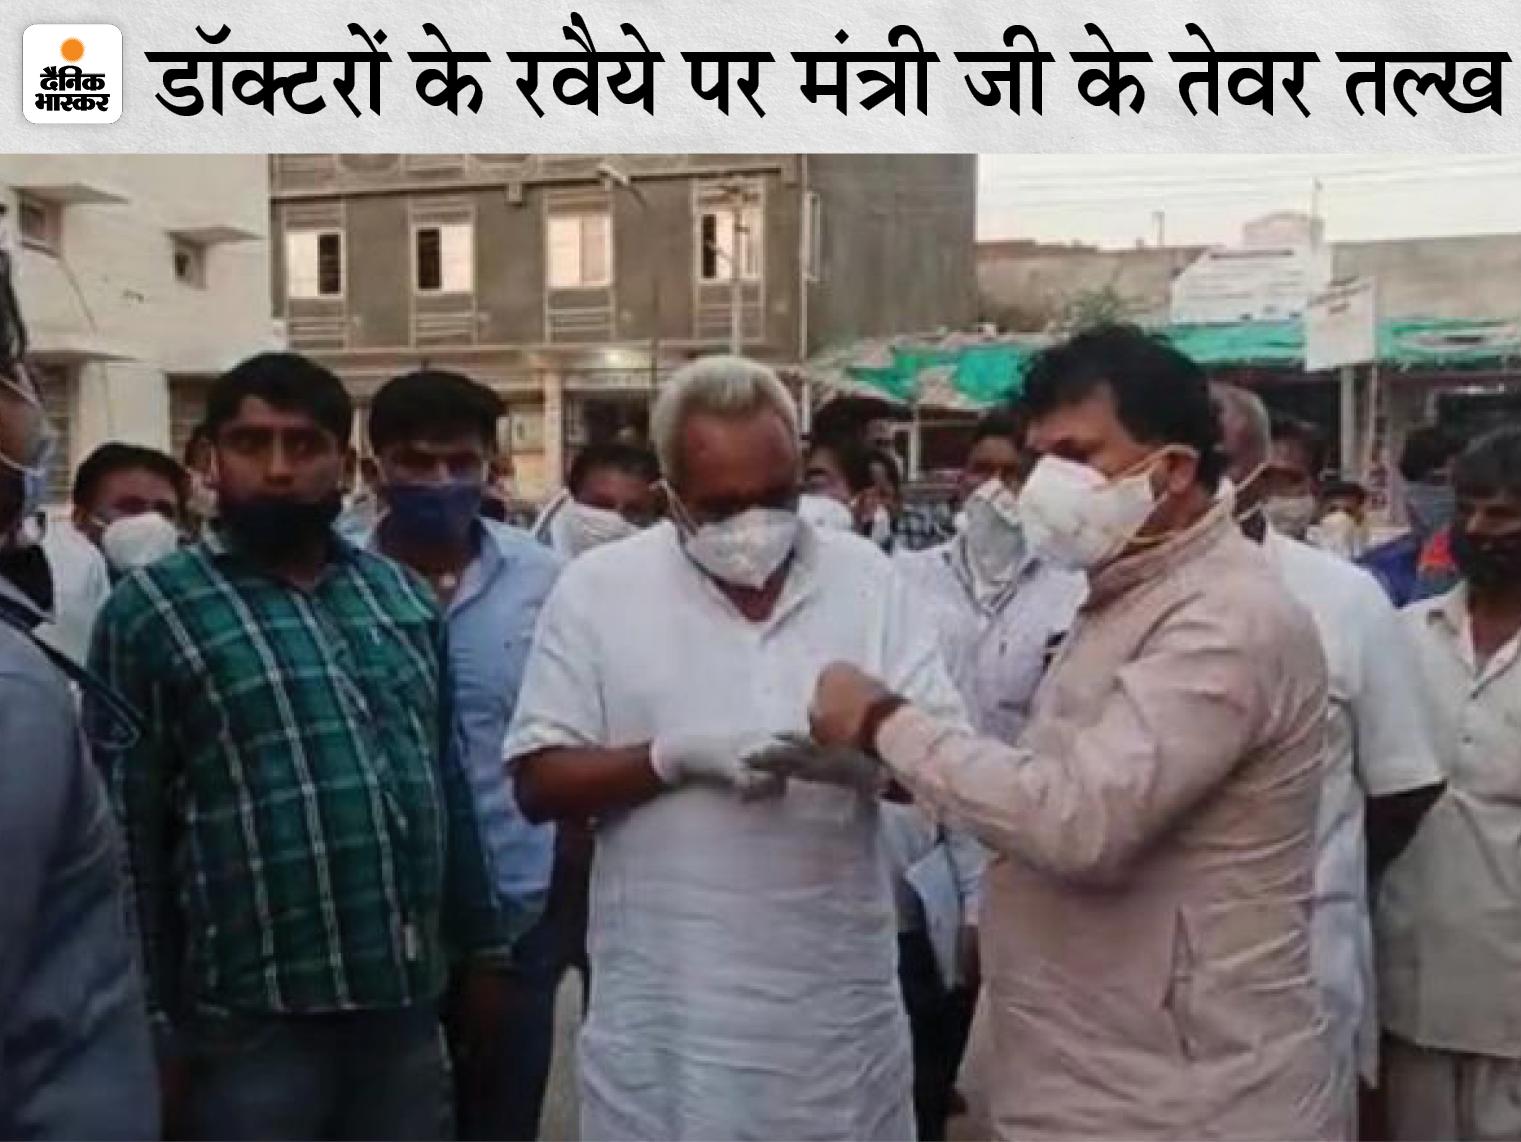 ग्रामीणों की शिकायत पर डॉक्टरों पर भड़के कैलाश चौधरी, बोले- अस्पताल में आदमी मर रहे हैं और आप इलाज के लिए घर पर बुलाते हो; कुछ तो ख्याल करो|बाड़मेर,Barmer - Dainik Bhaskar